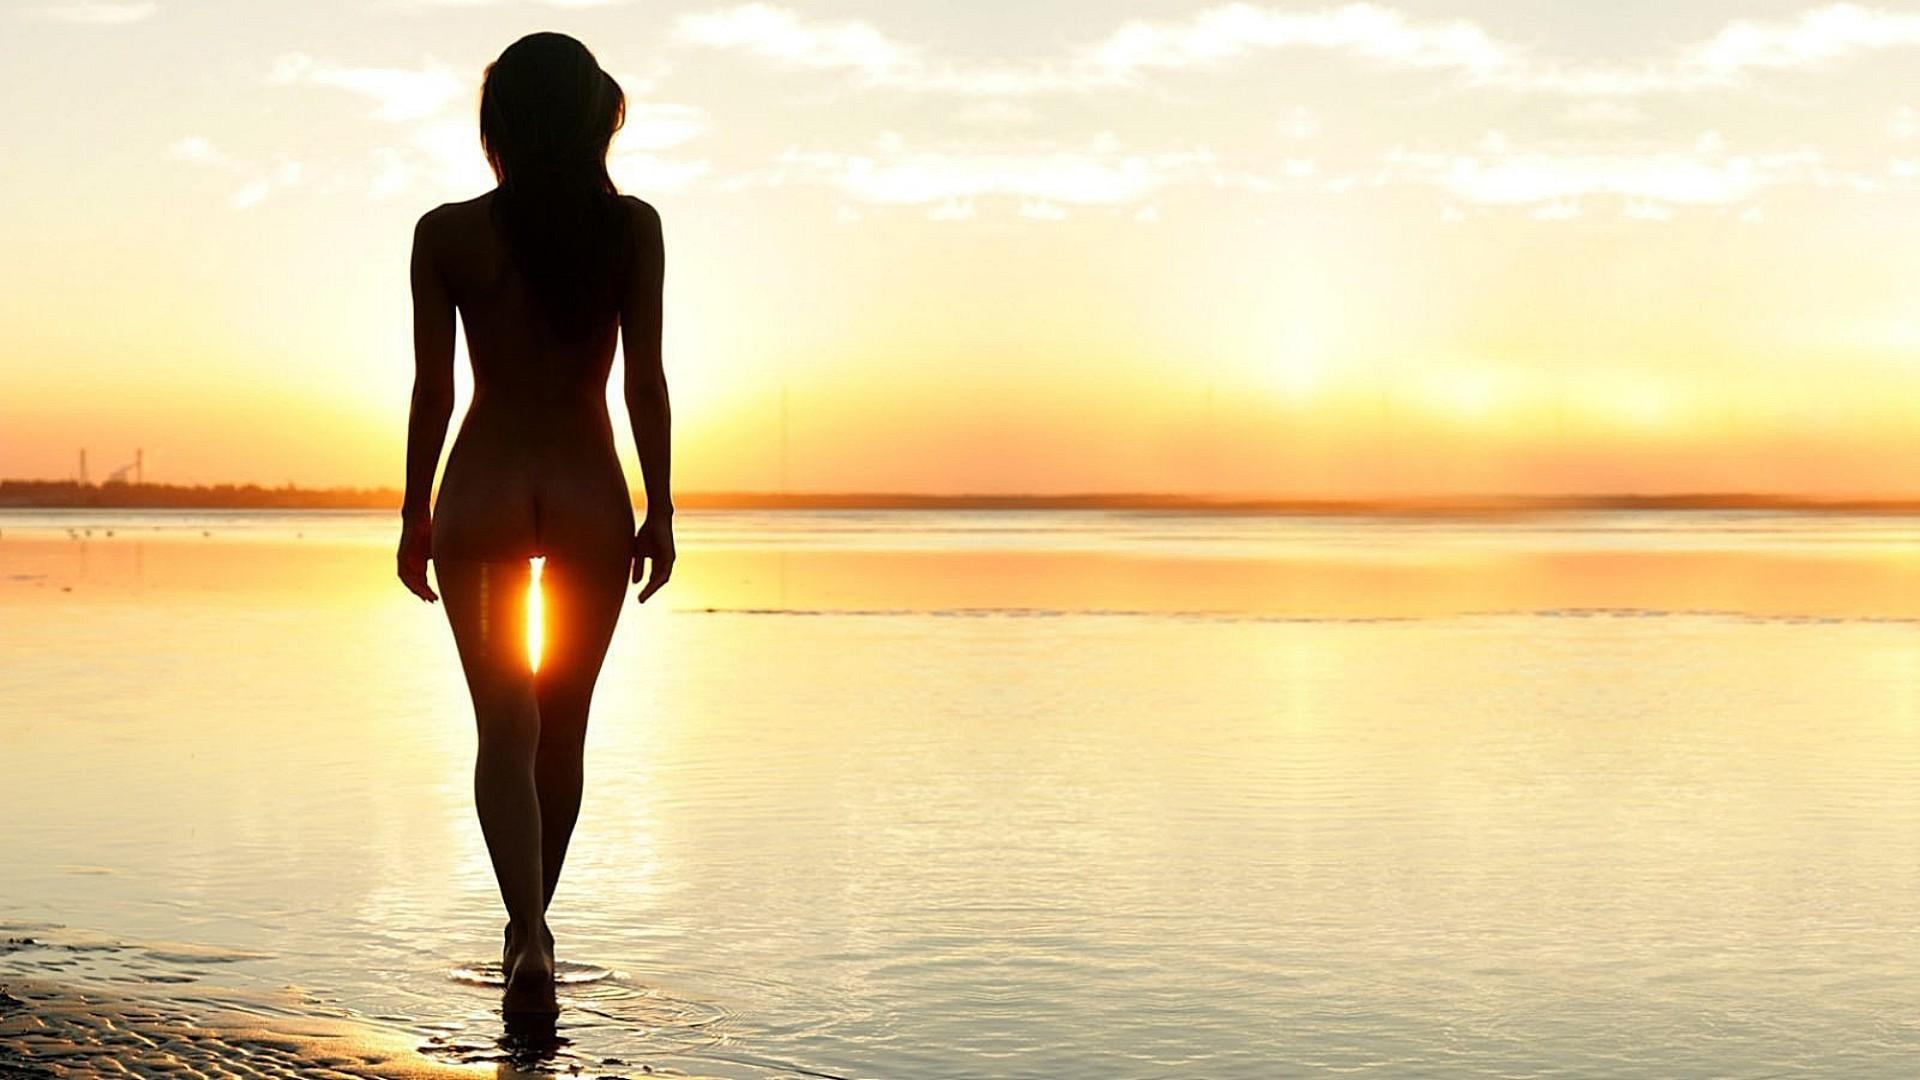 девушка море закат пейзаж загрузить